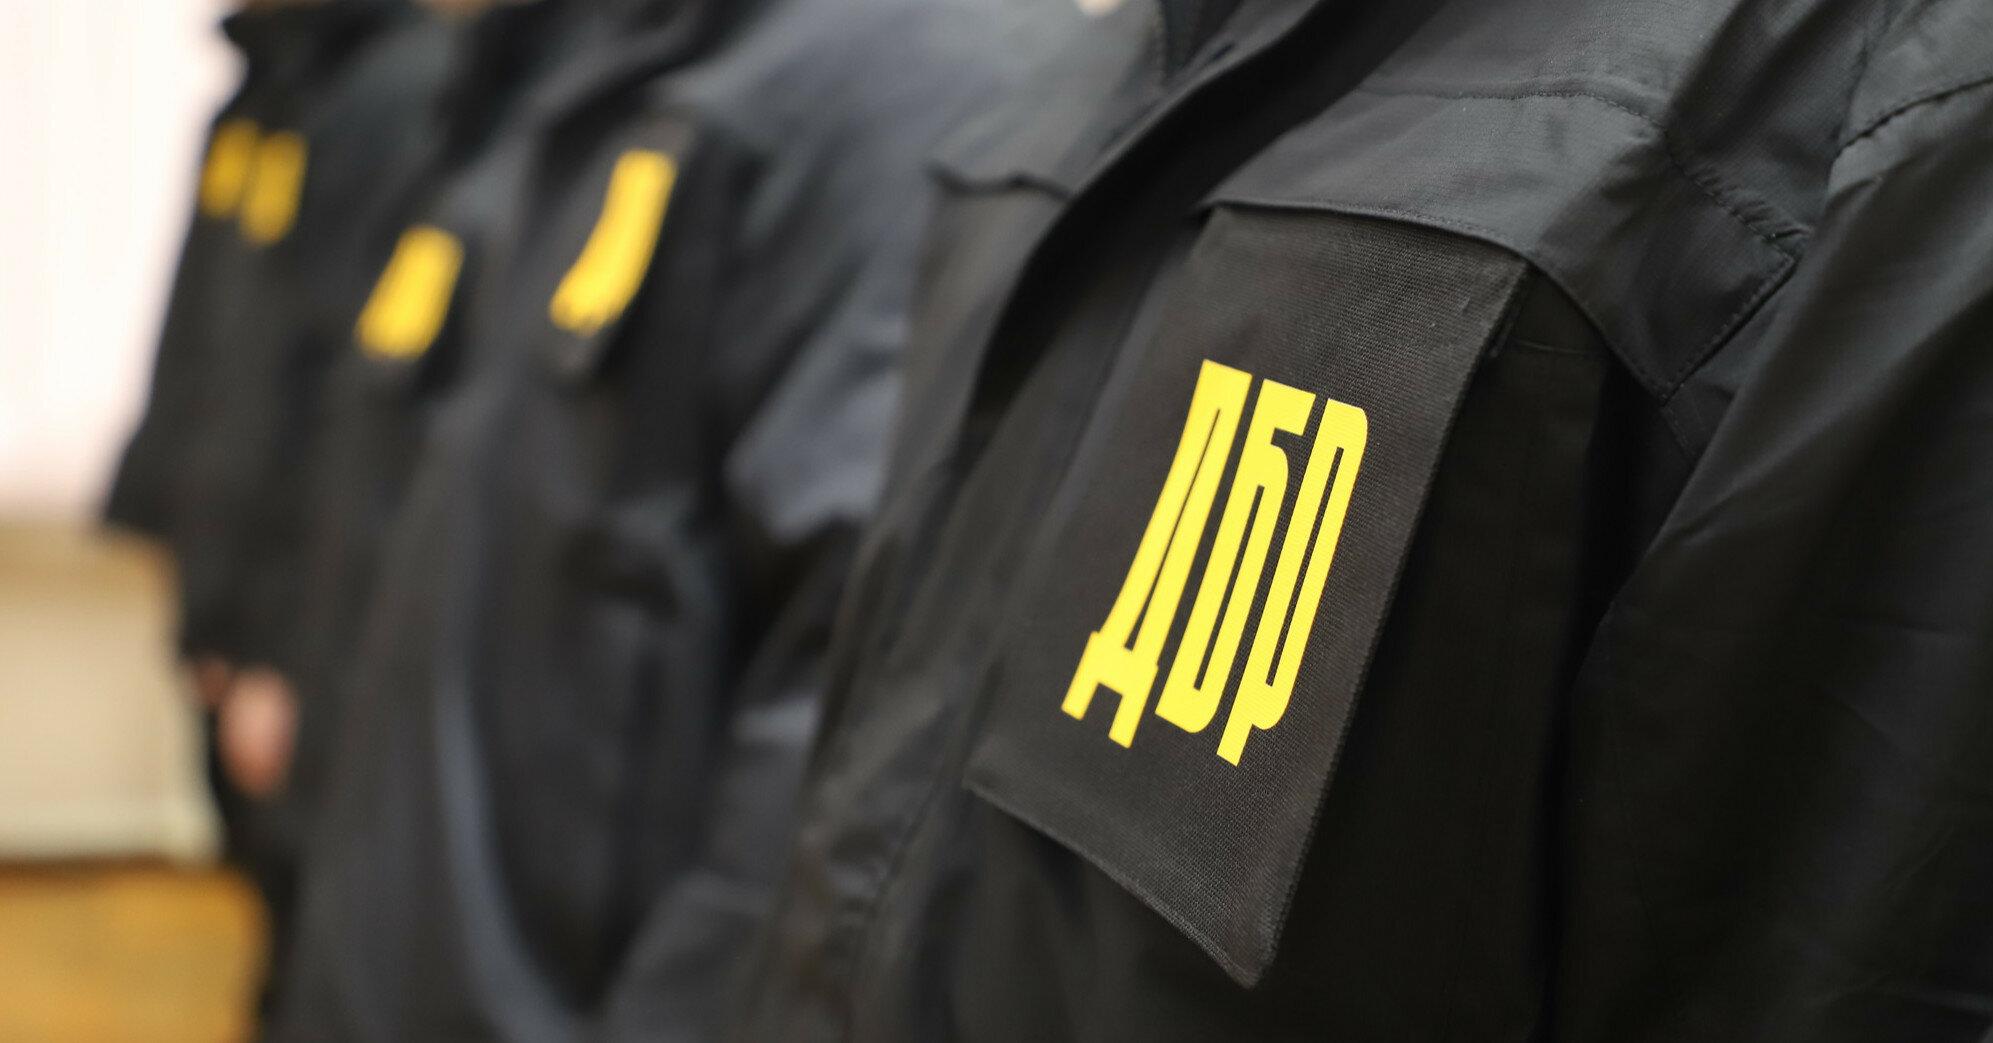 ВР предлагает разрешить работникам ГБР носить оружие и хранить наркотики